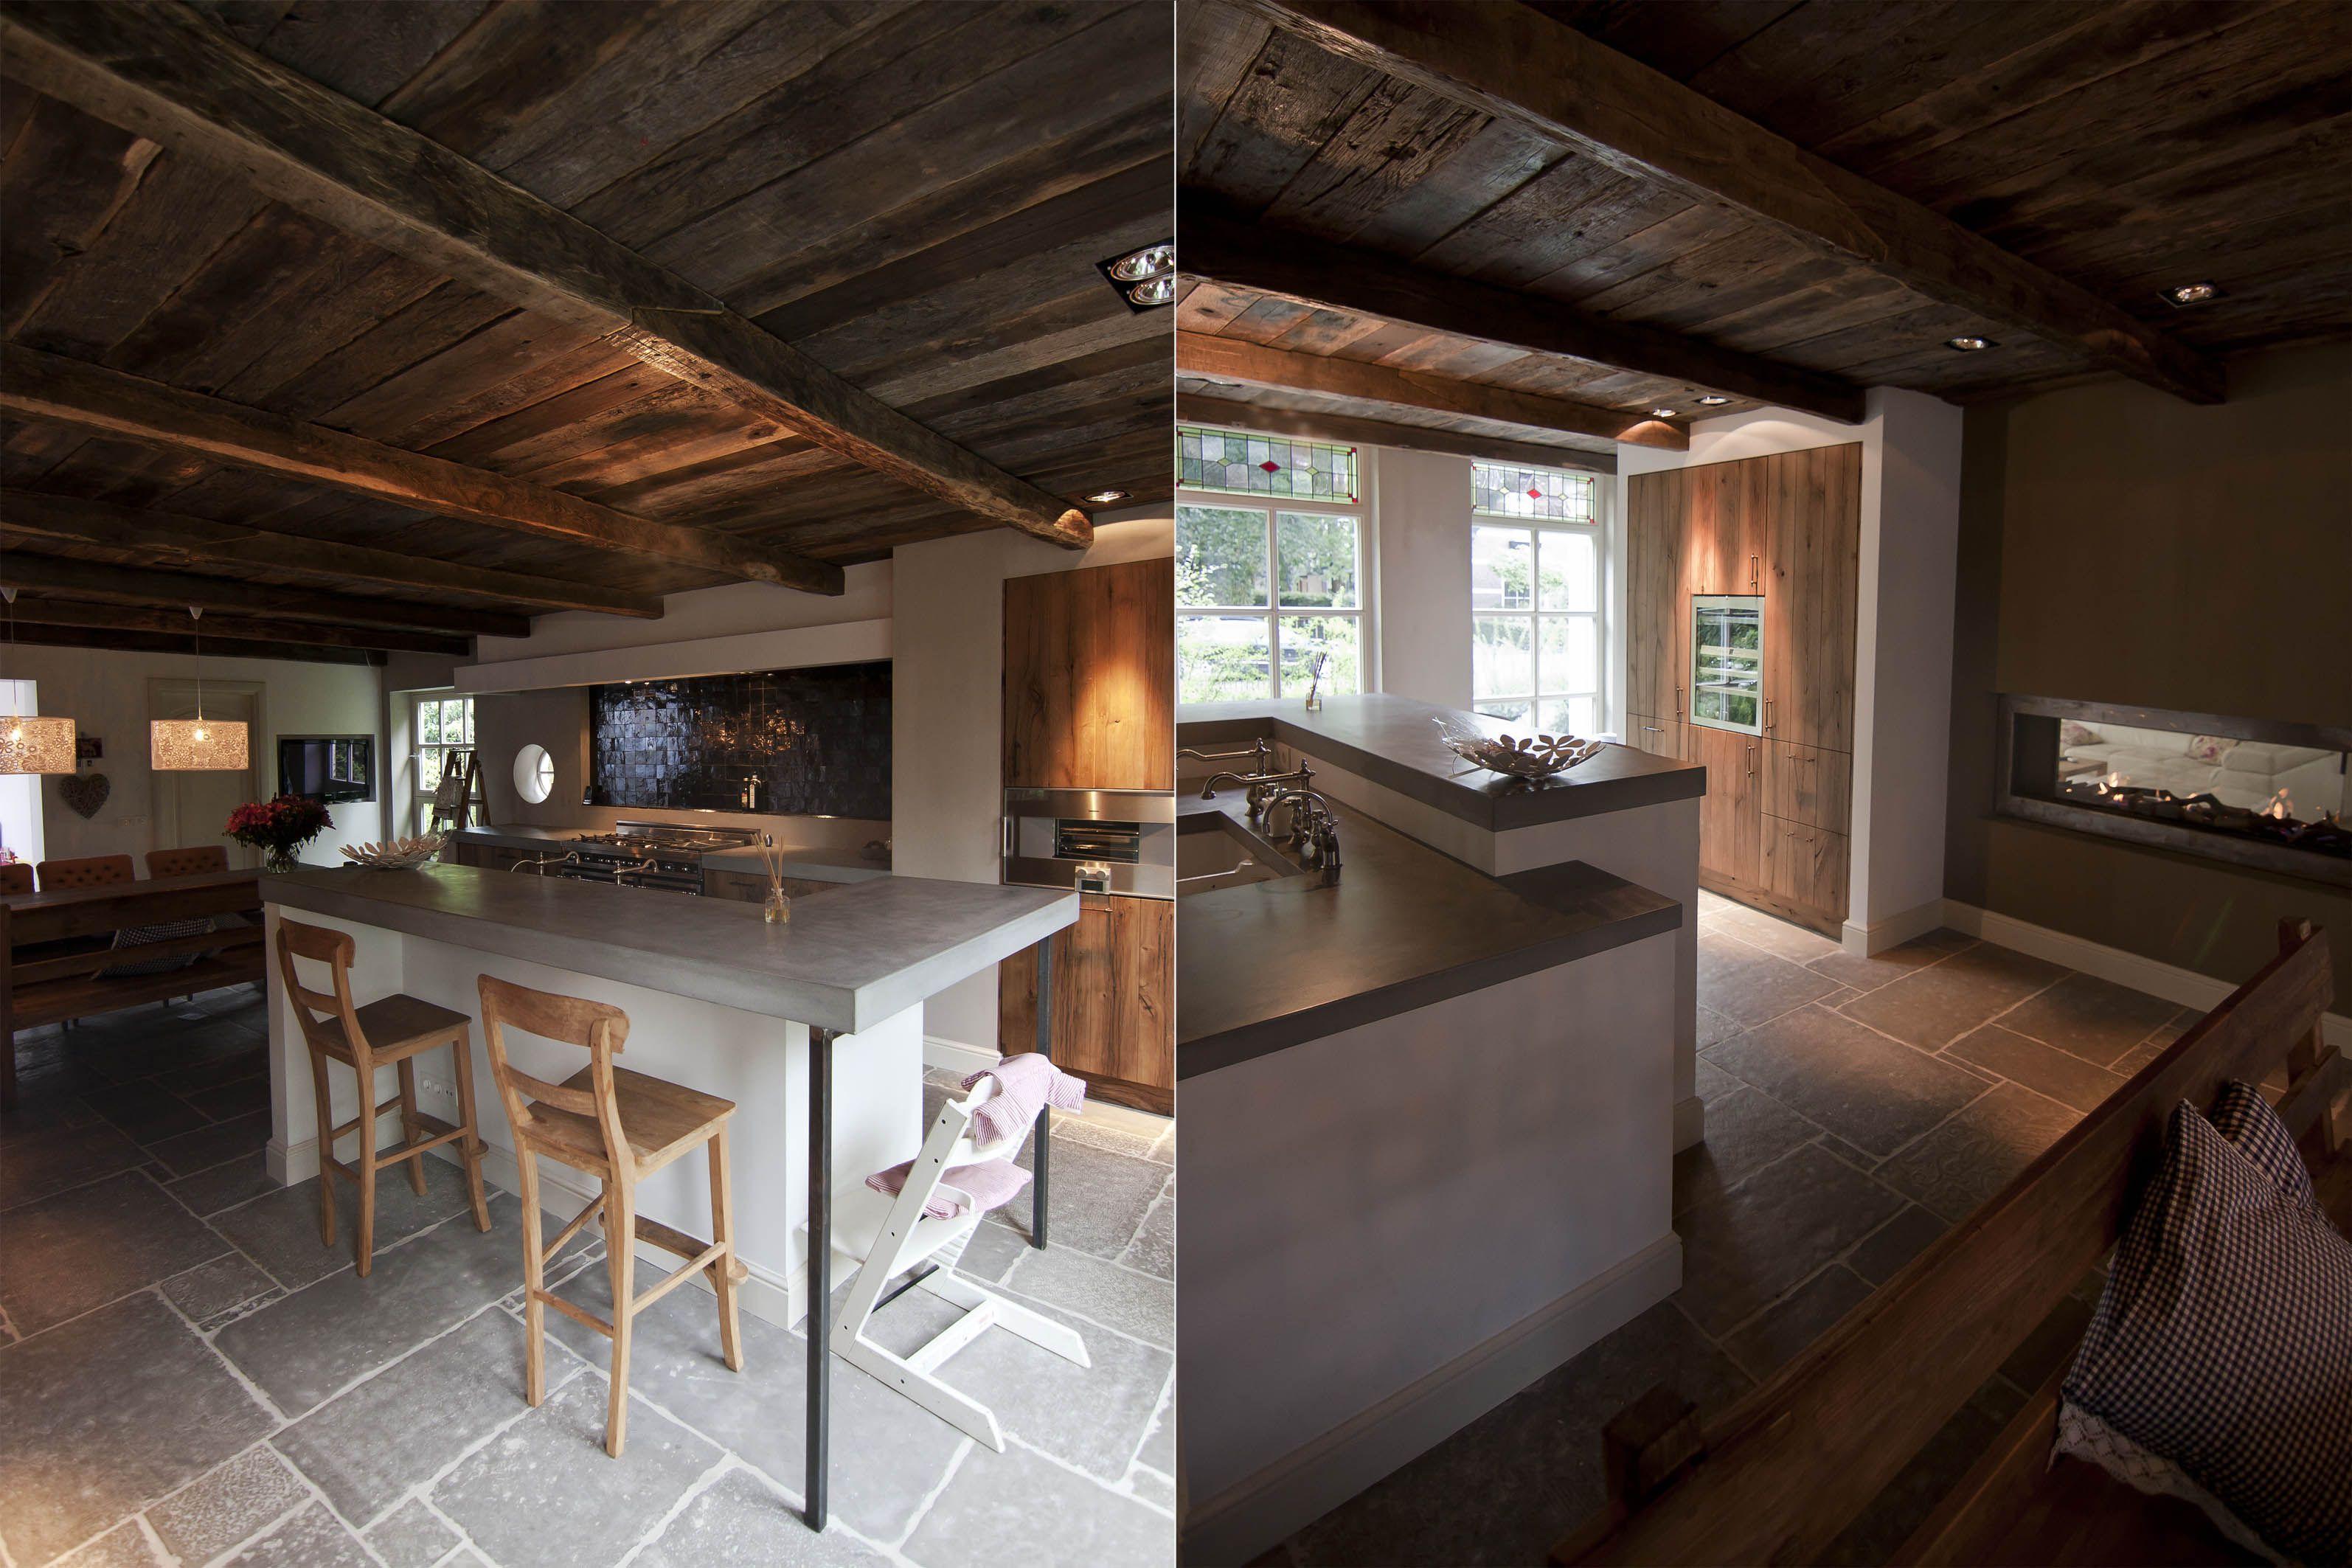 Kitchen old oak cabinets keuken oud eiken fronten betonwerkblad